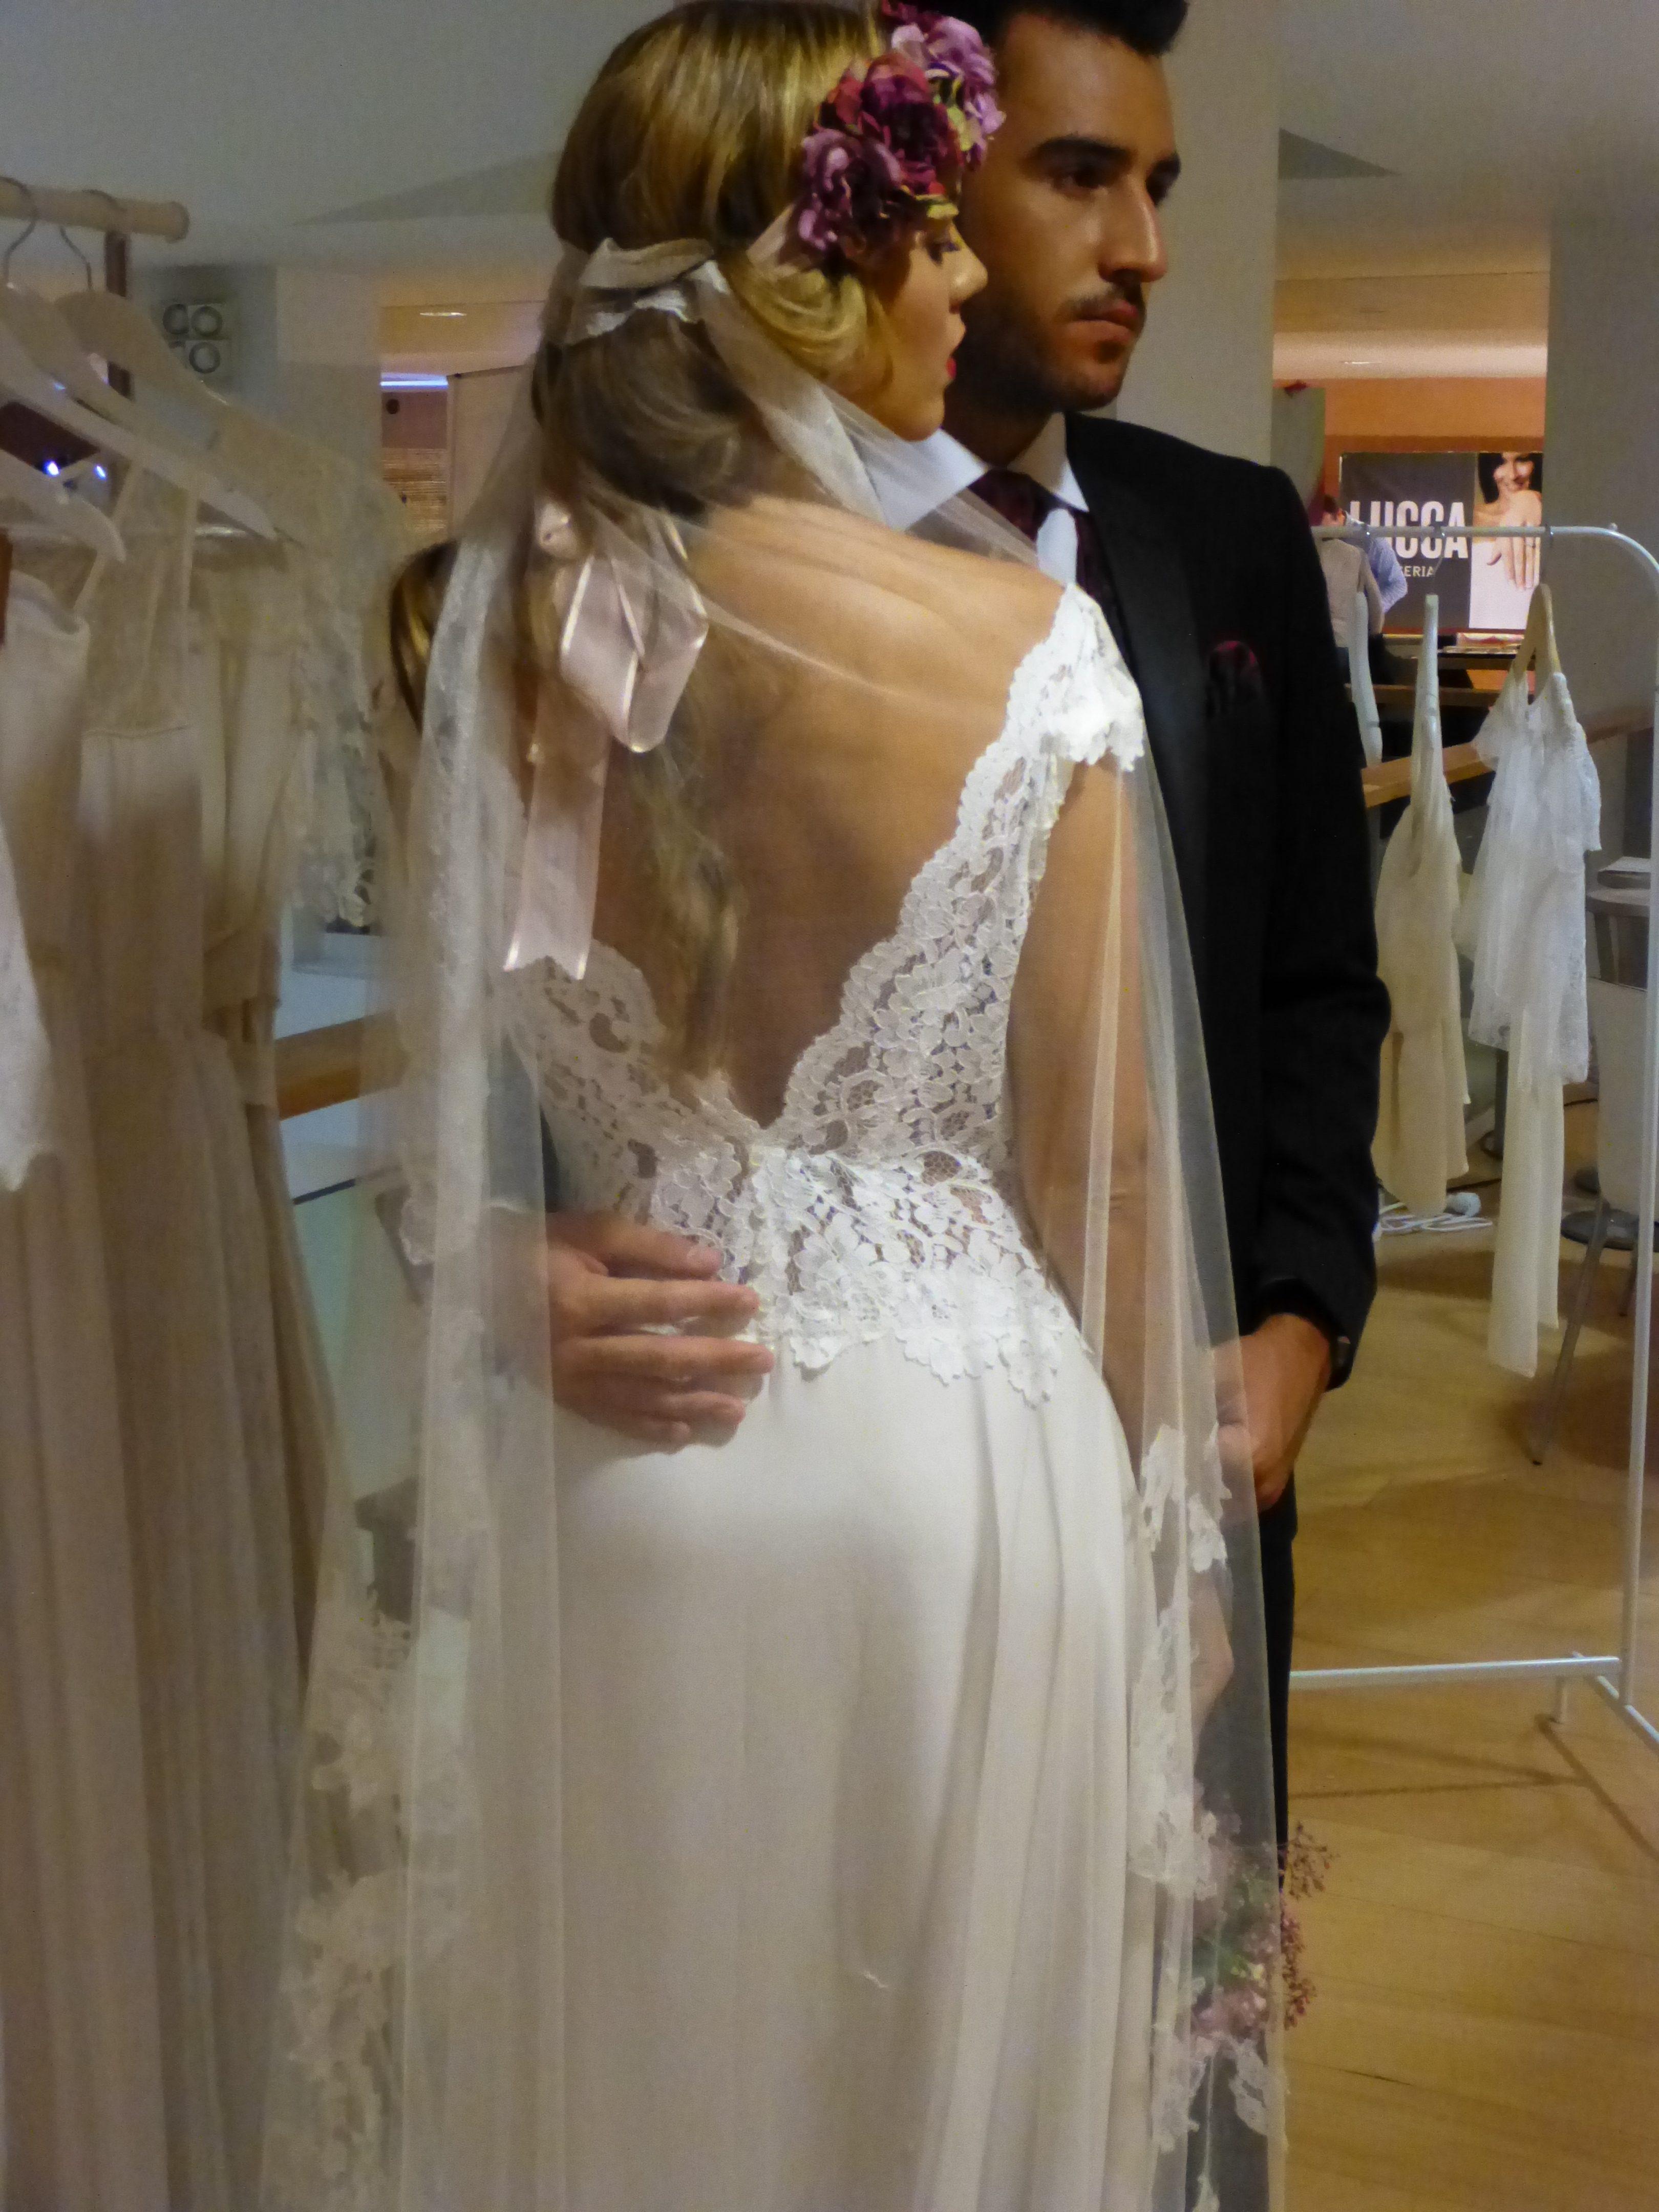 robe-biarritz-by-la-petite-mariee-de-sopite-salon-du-mariage-irun